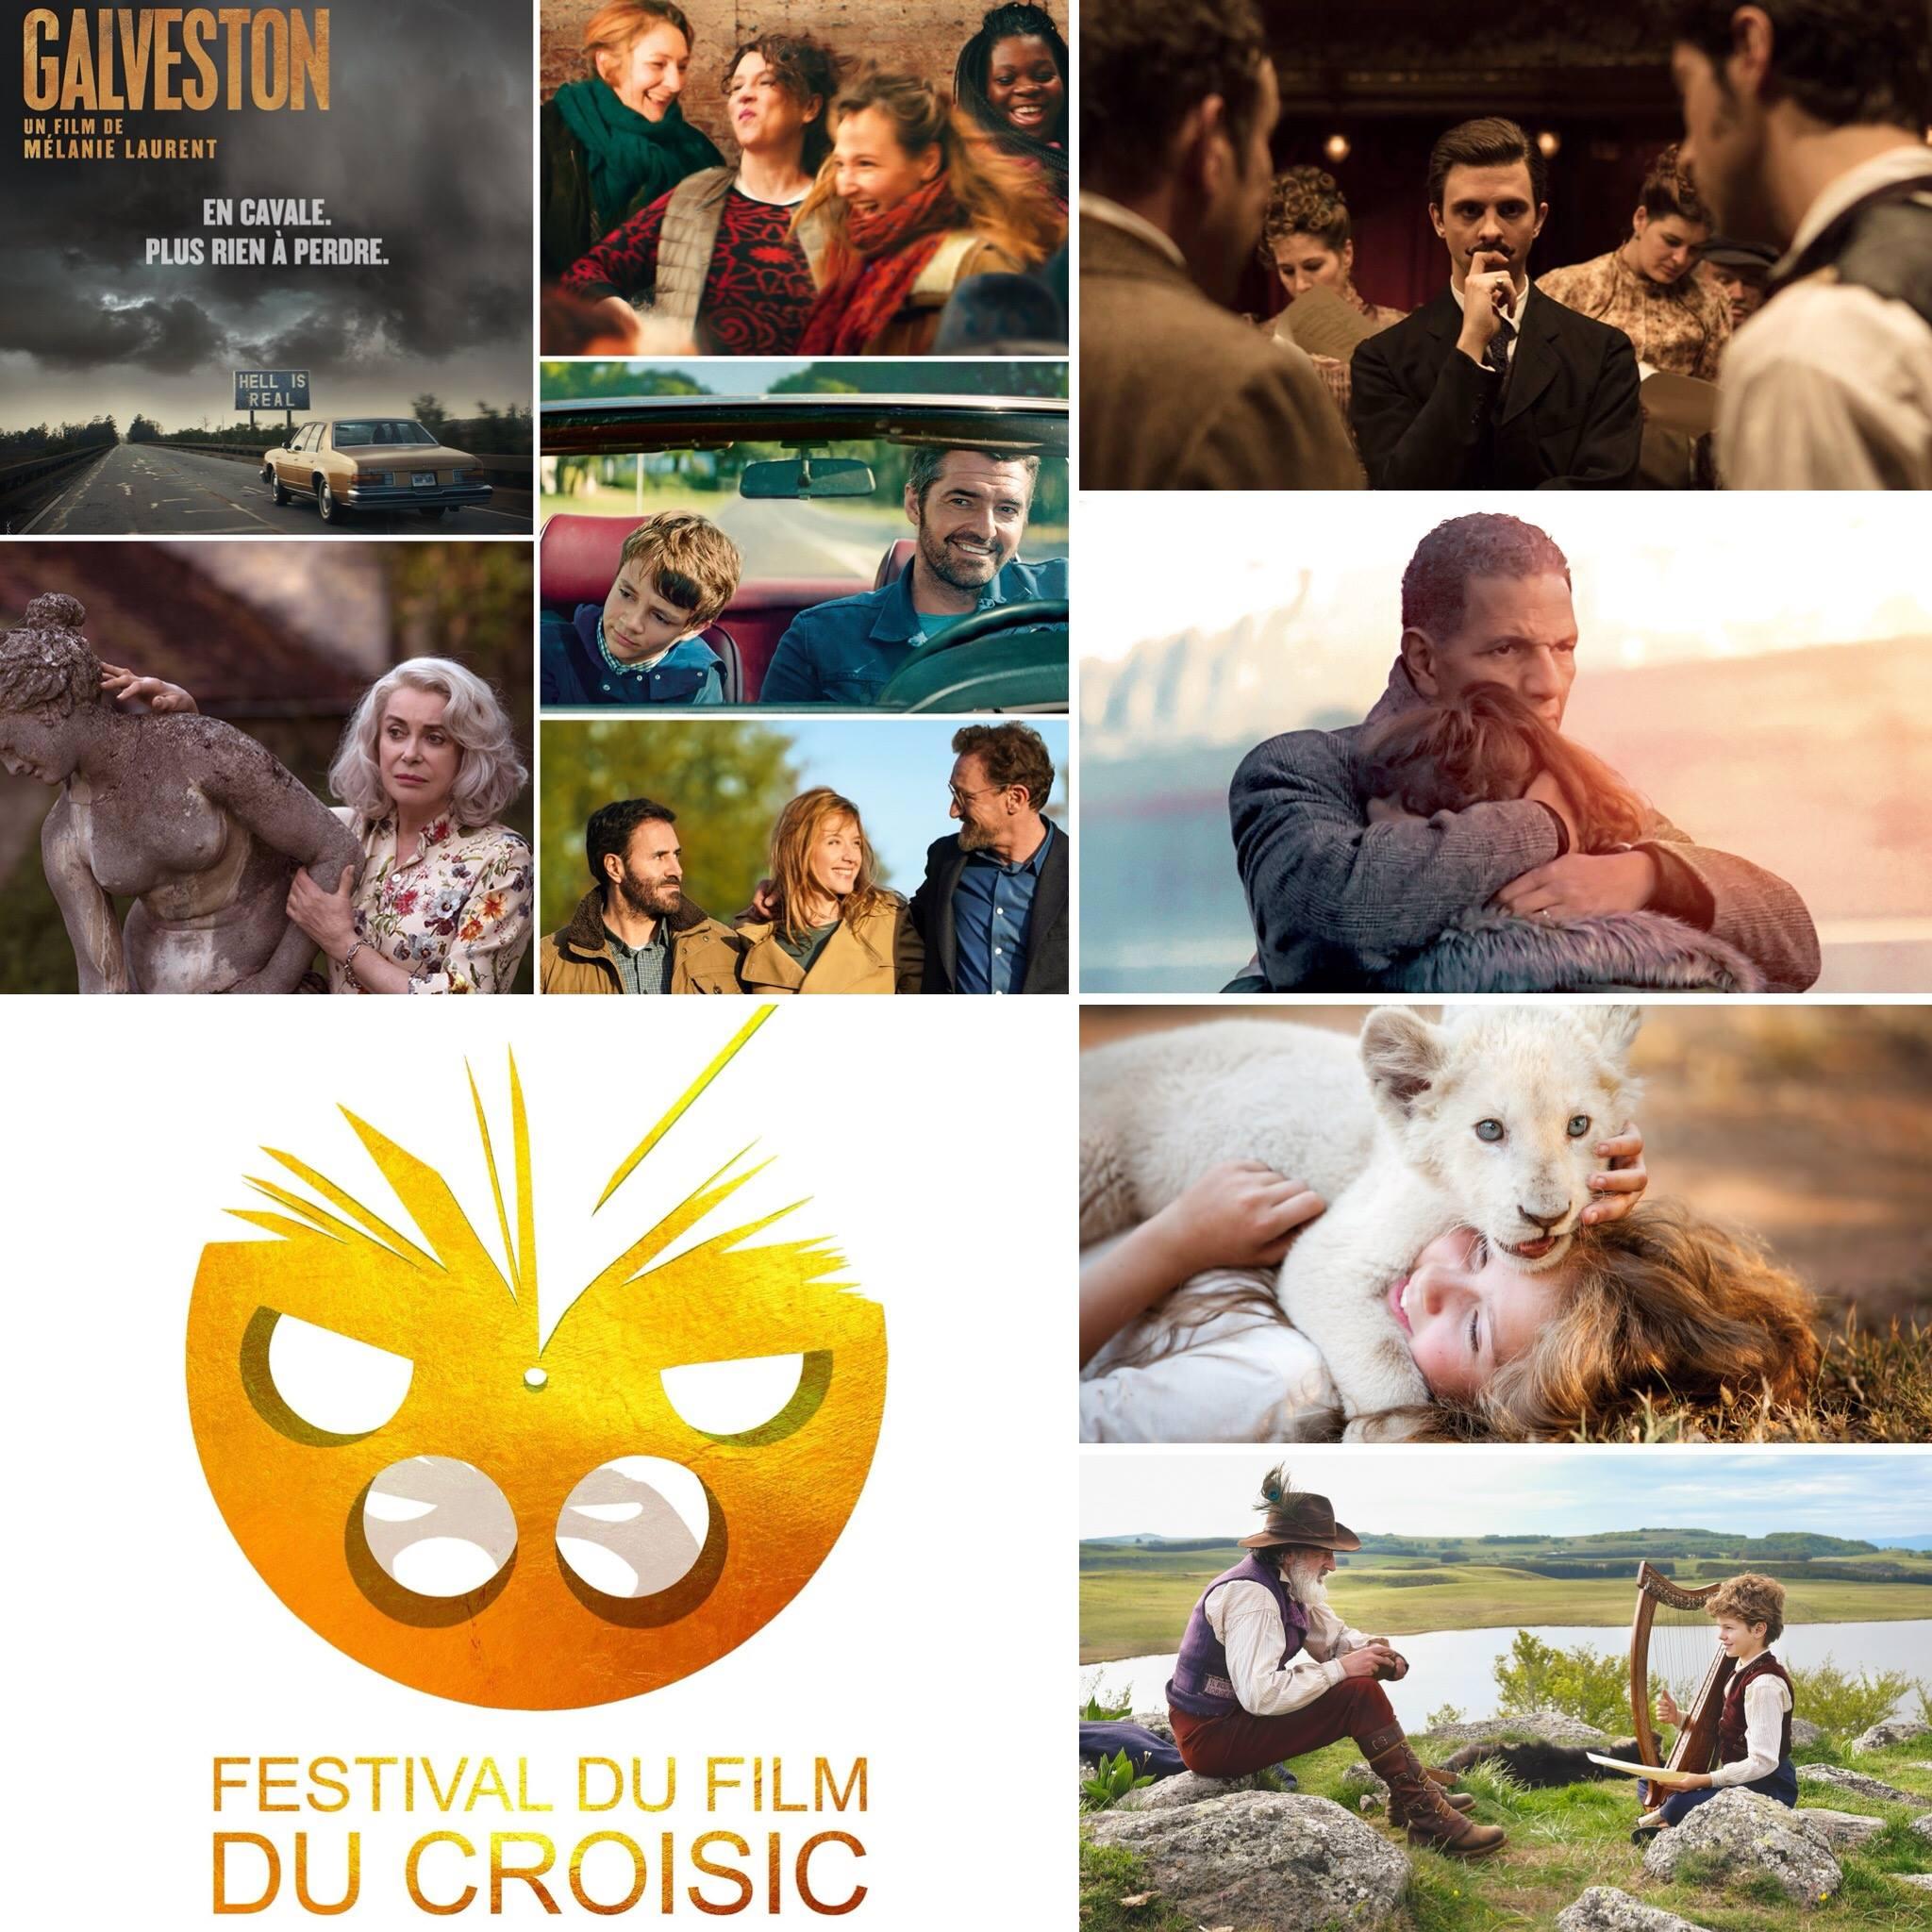 Festival du Film du Croisic programme